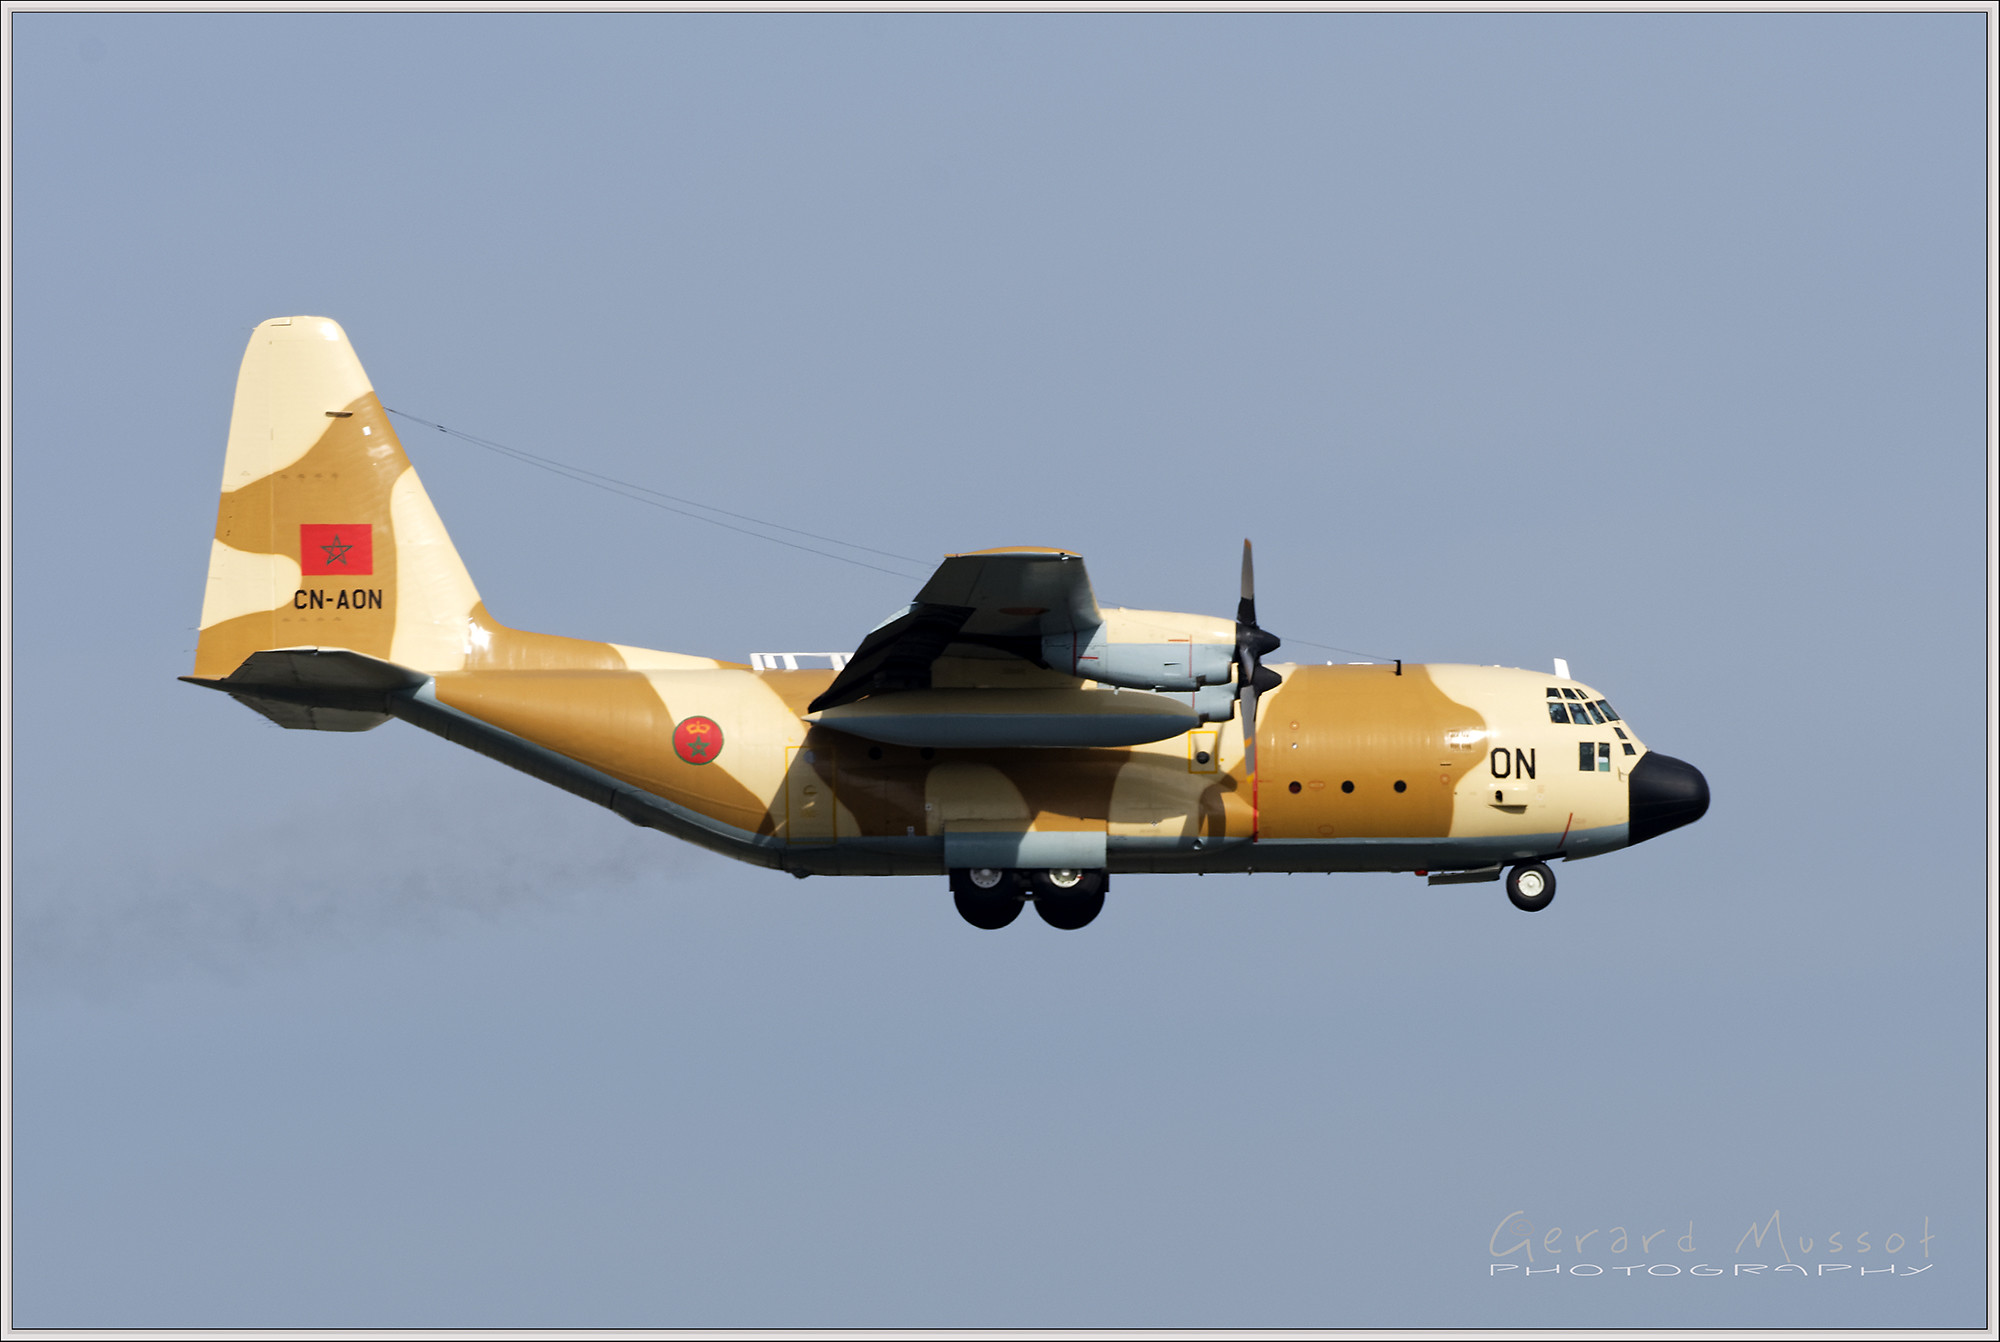 FRA: Photos d'avions de transport - Page 41 50517954357_574554b955_k